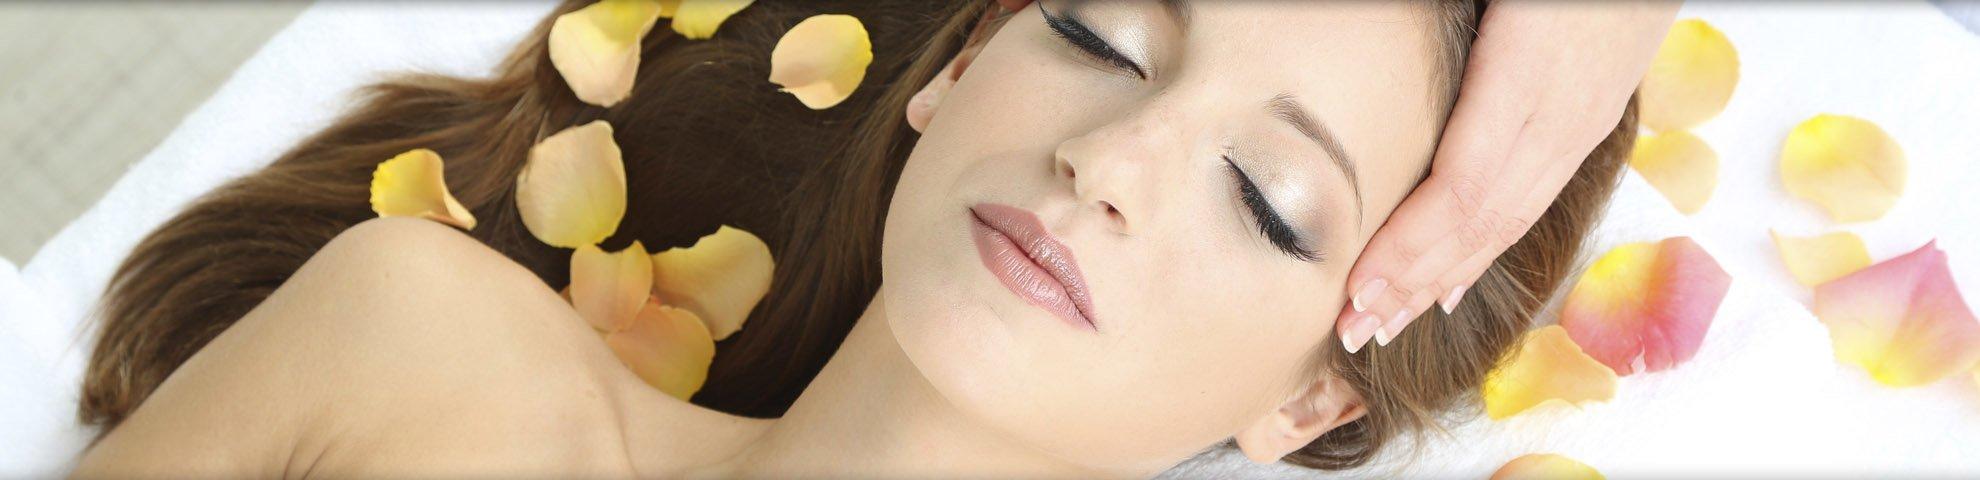 una donna sdraiata su un lettino con dei petali e due mani che le  massaggiano le tempie